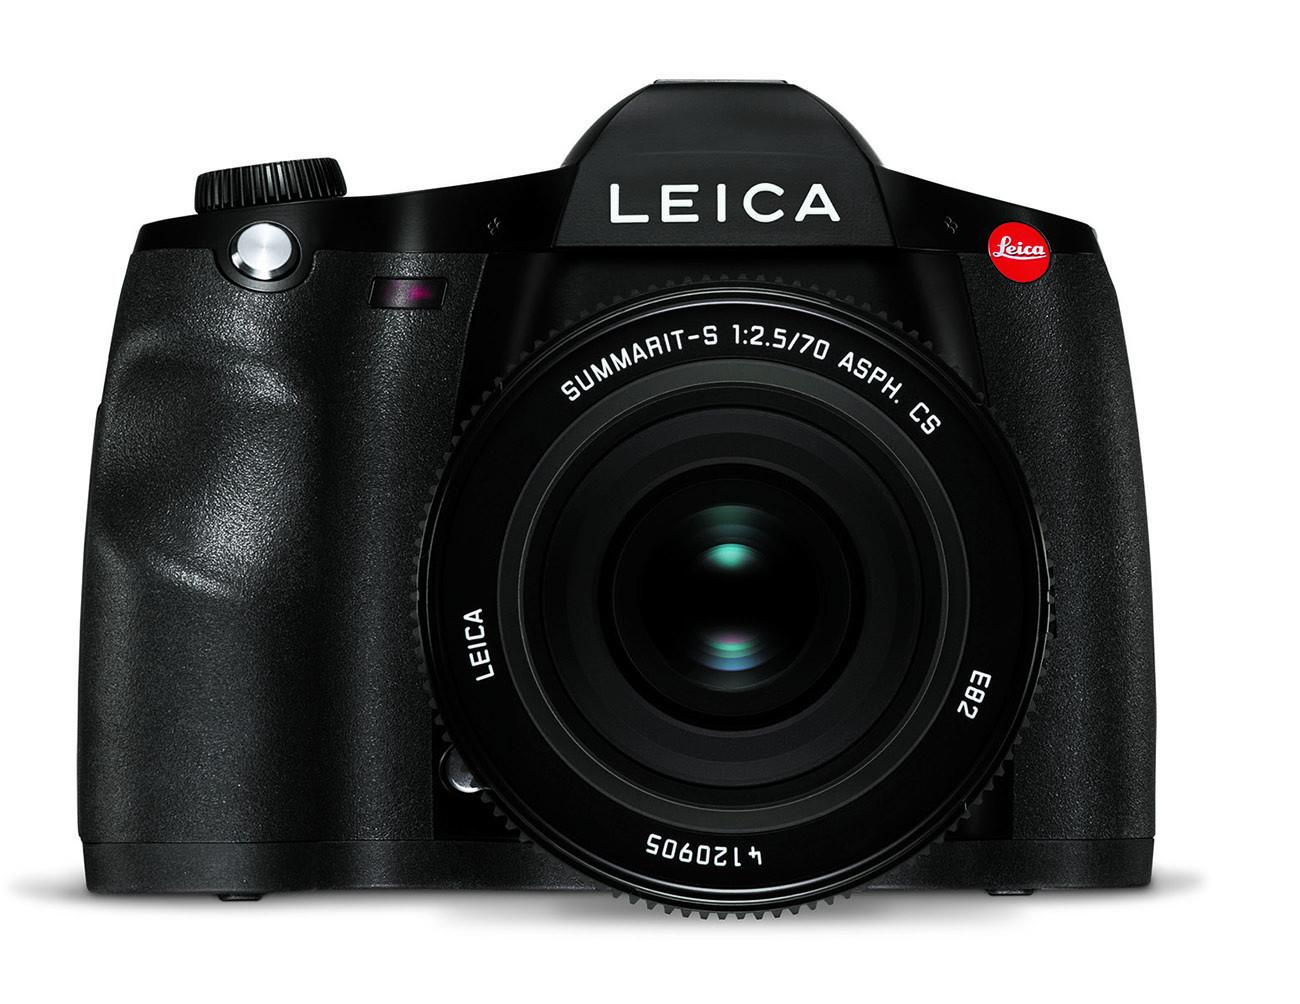 內建 GPS 以及具 4K 錄影功能,徠卡全新中片幅數位相機 Leica S (Typ 007) 在台發S - 癮科技